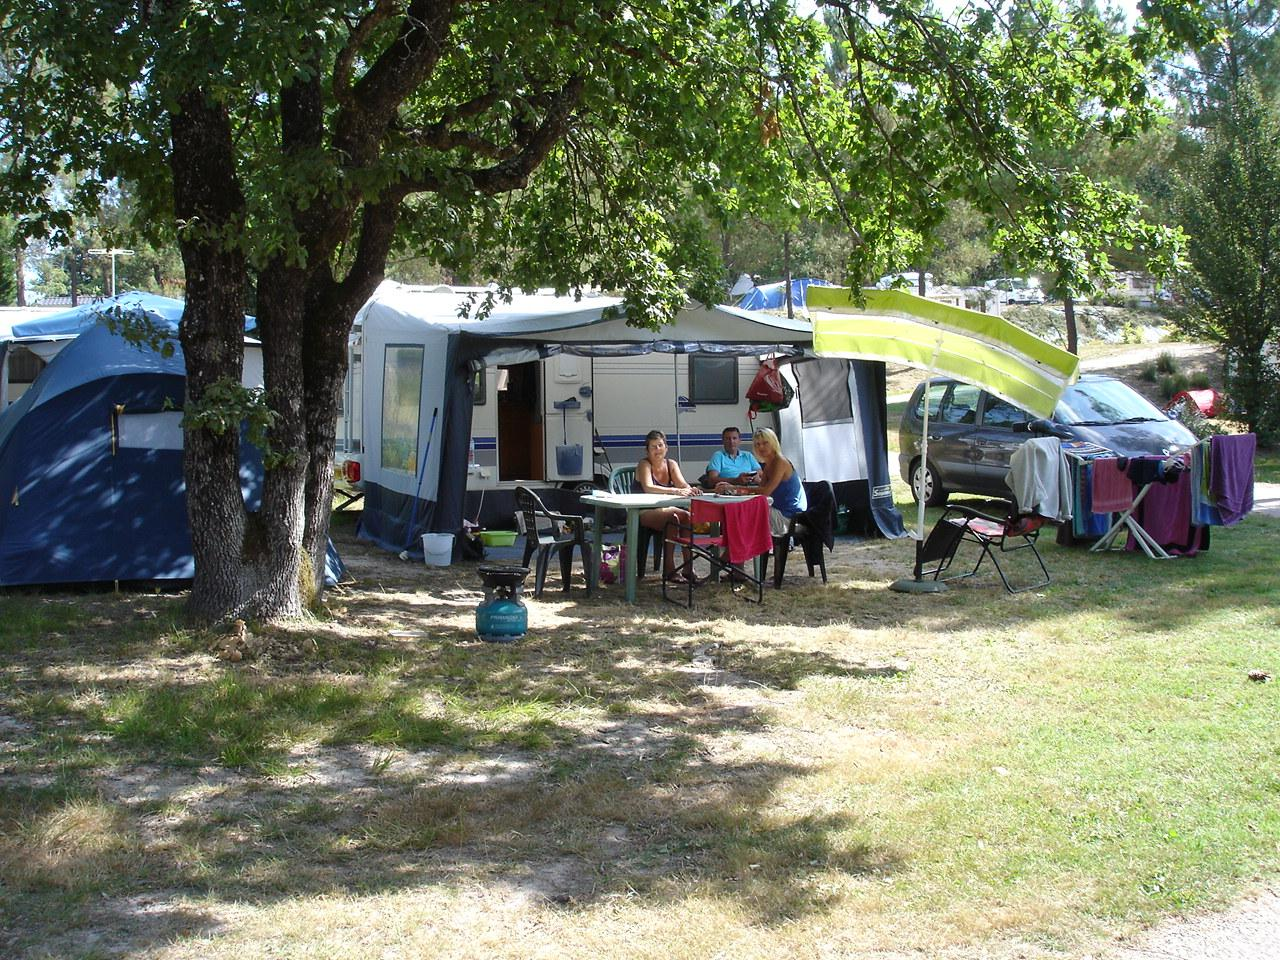 Emplacement - Emplacement Xl Grand Confort  Avec Électricité 16 A Inclus - 100 À 150 M² - Eau, Elect 16 A, Évacuation Eaux Usées Sur L'emplacement - Camping Sites et Paysages Etang de Bazange